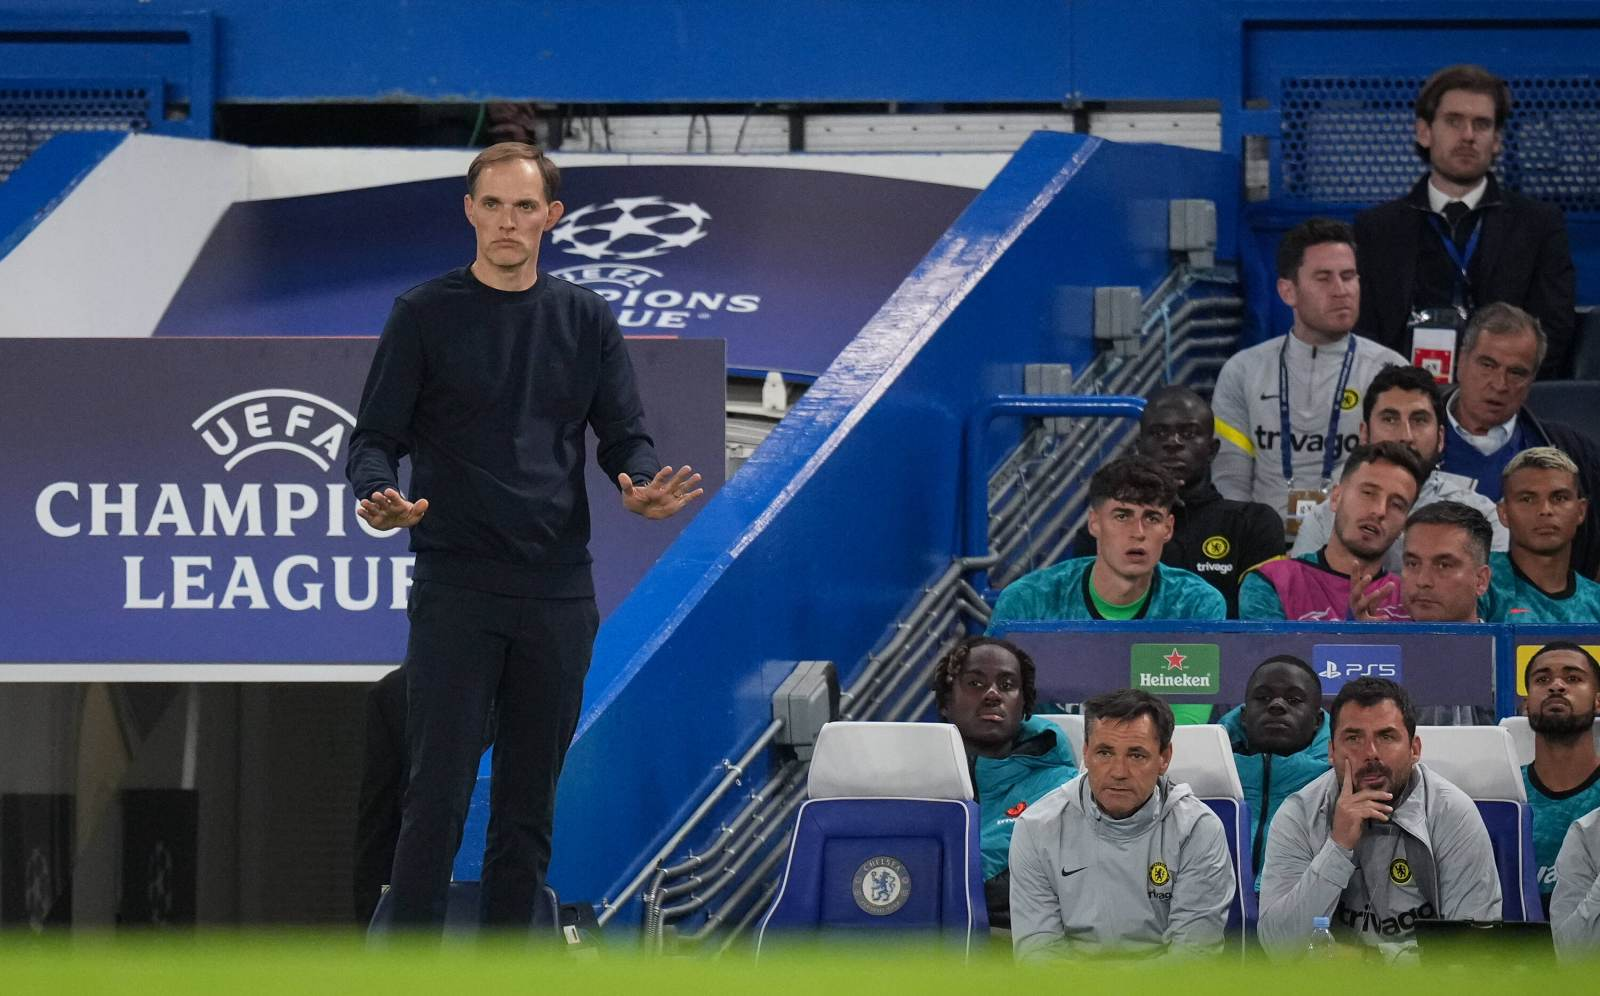 Фердинанд - о поражении «Челси»: «К Тухелю могут возникнуть вопросы»